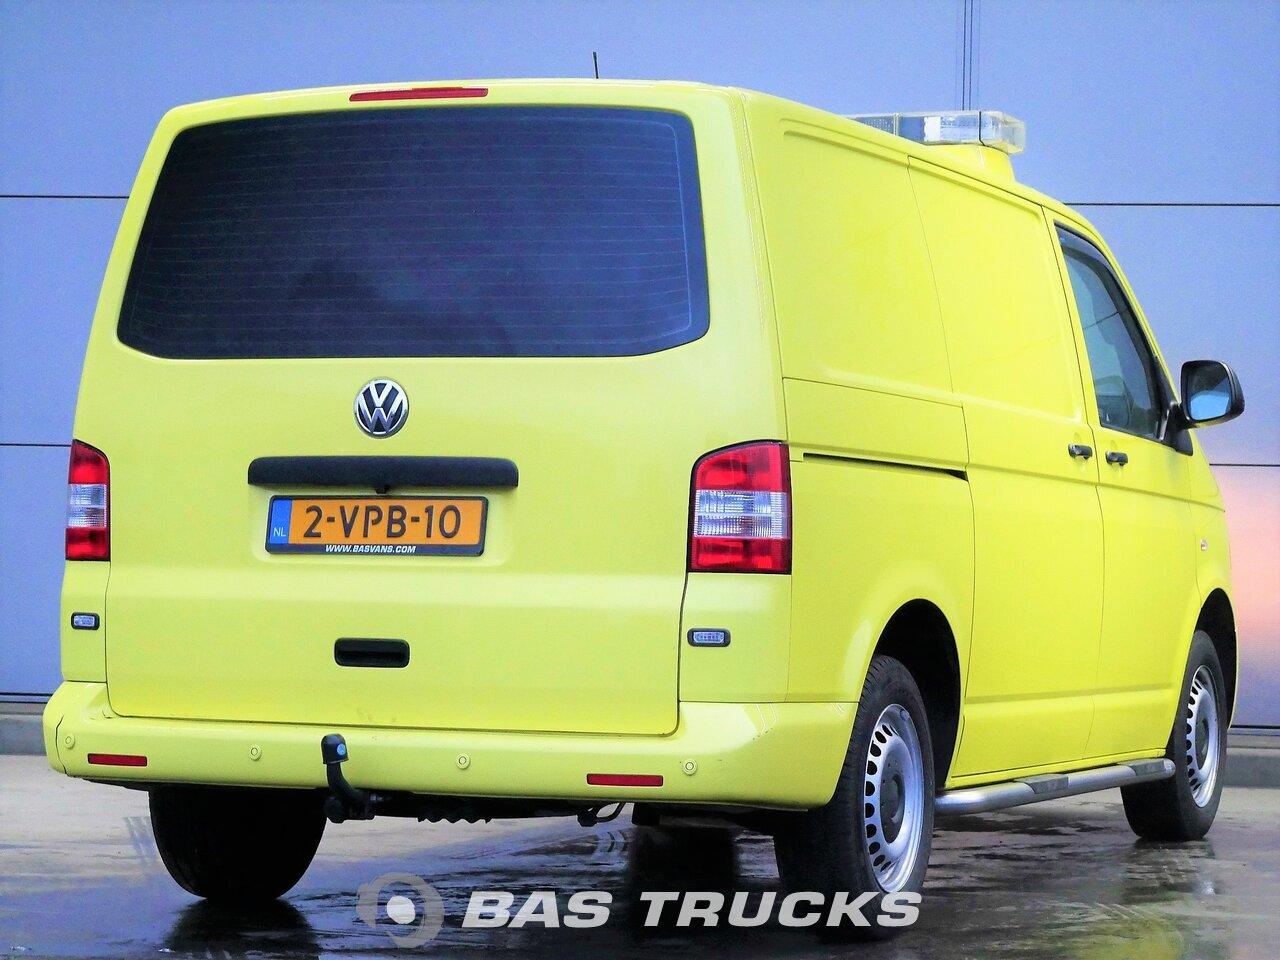 volkswagen transporter light commercial vehicle bas trucks. Black Bedroom Furniture Sets. Home Design Ideas